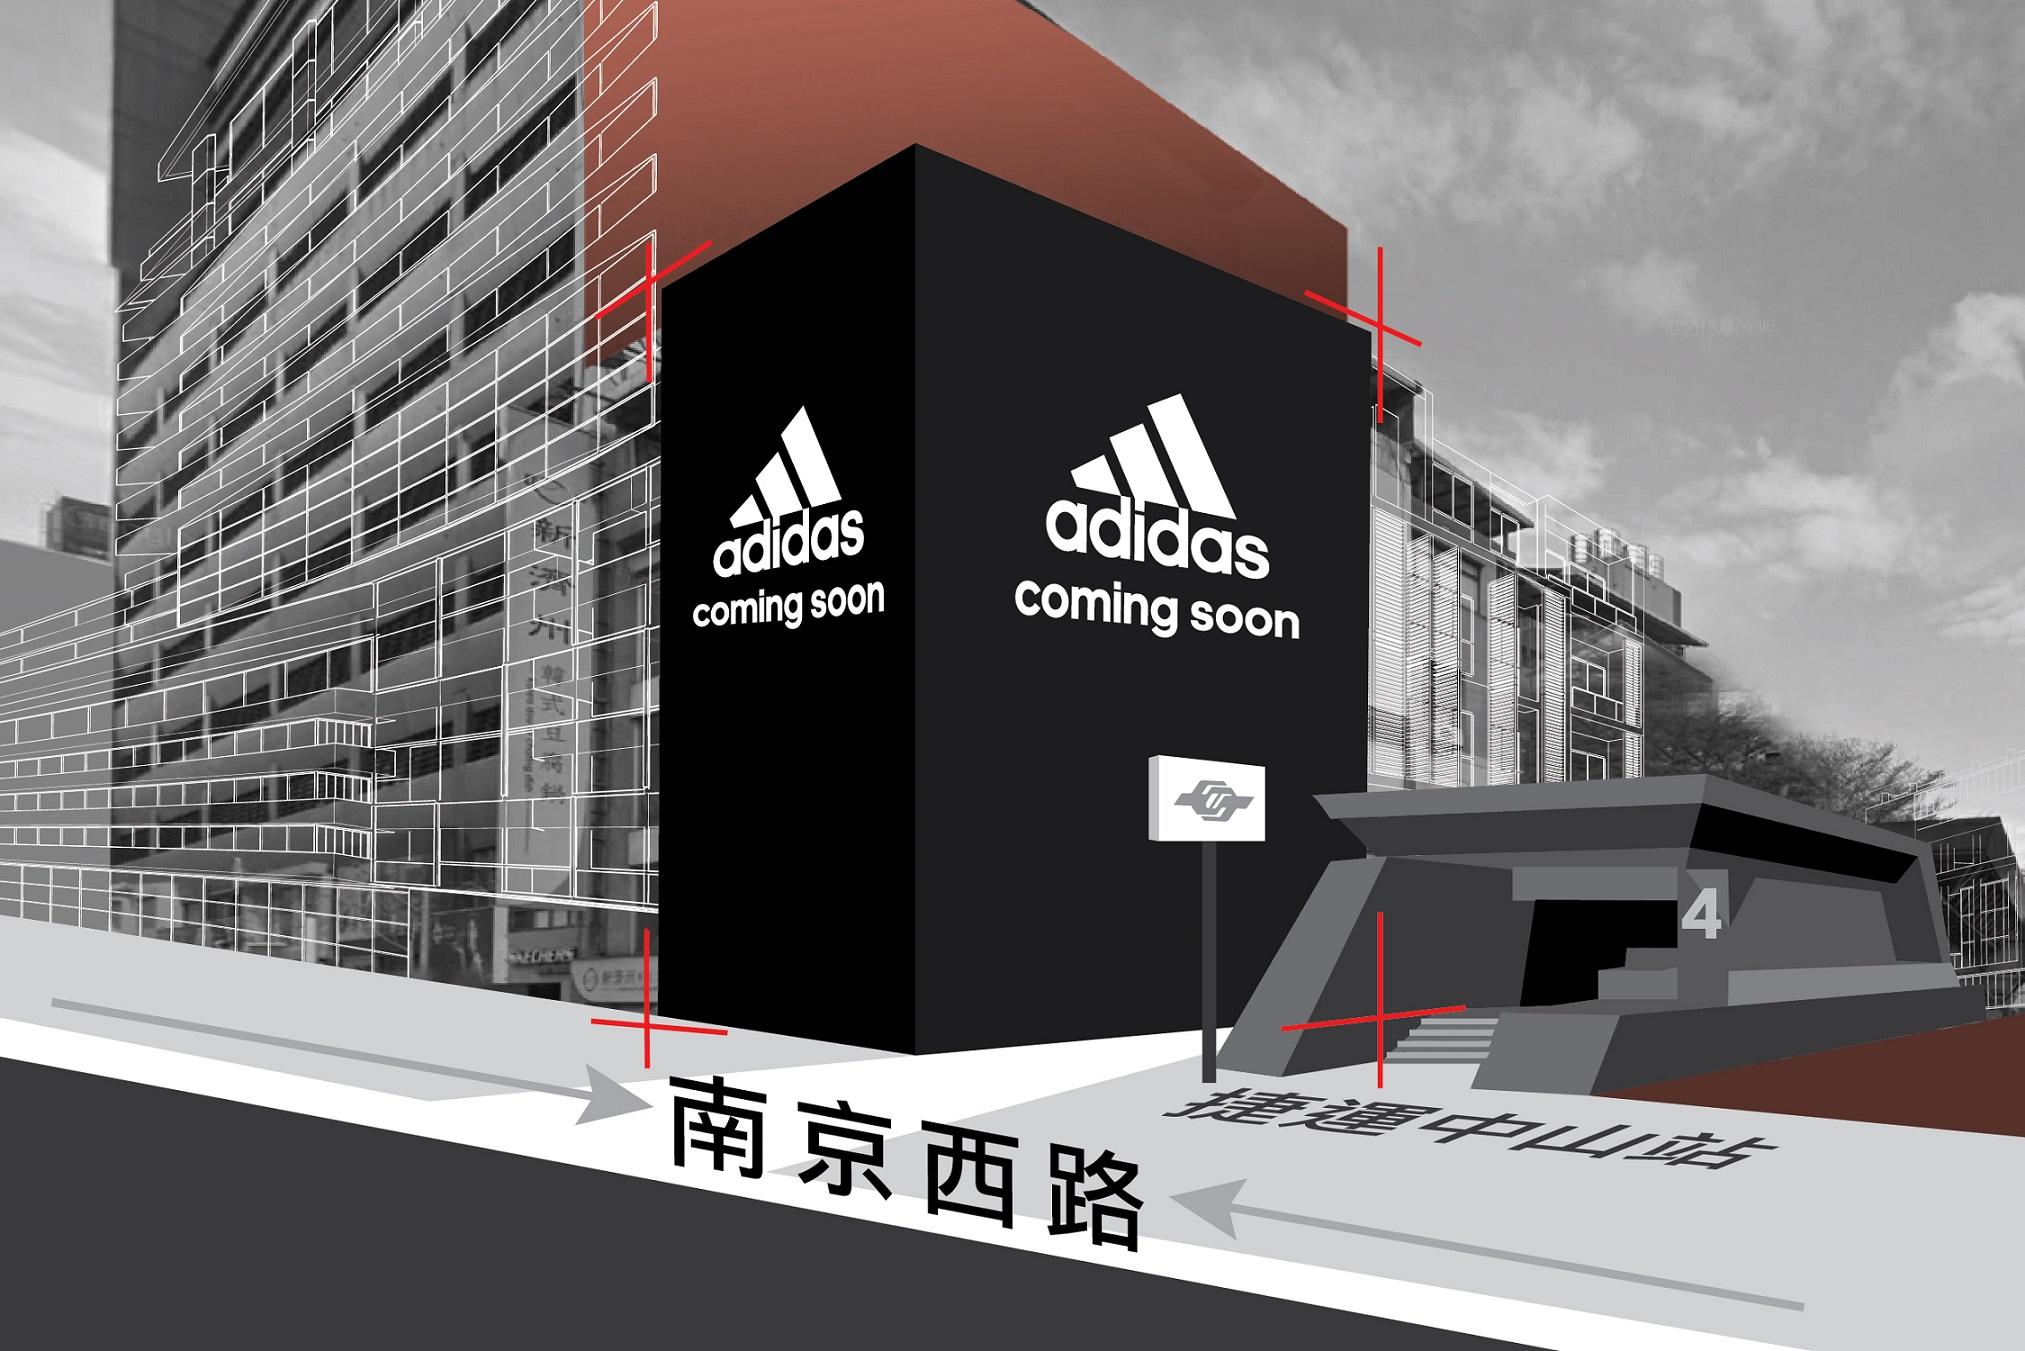 1.外觀以黑色調牆面搭配巨幅adidas Sport Performance Logo打造的南西門市擁有全台最完整UltraBOOST系列鞋款